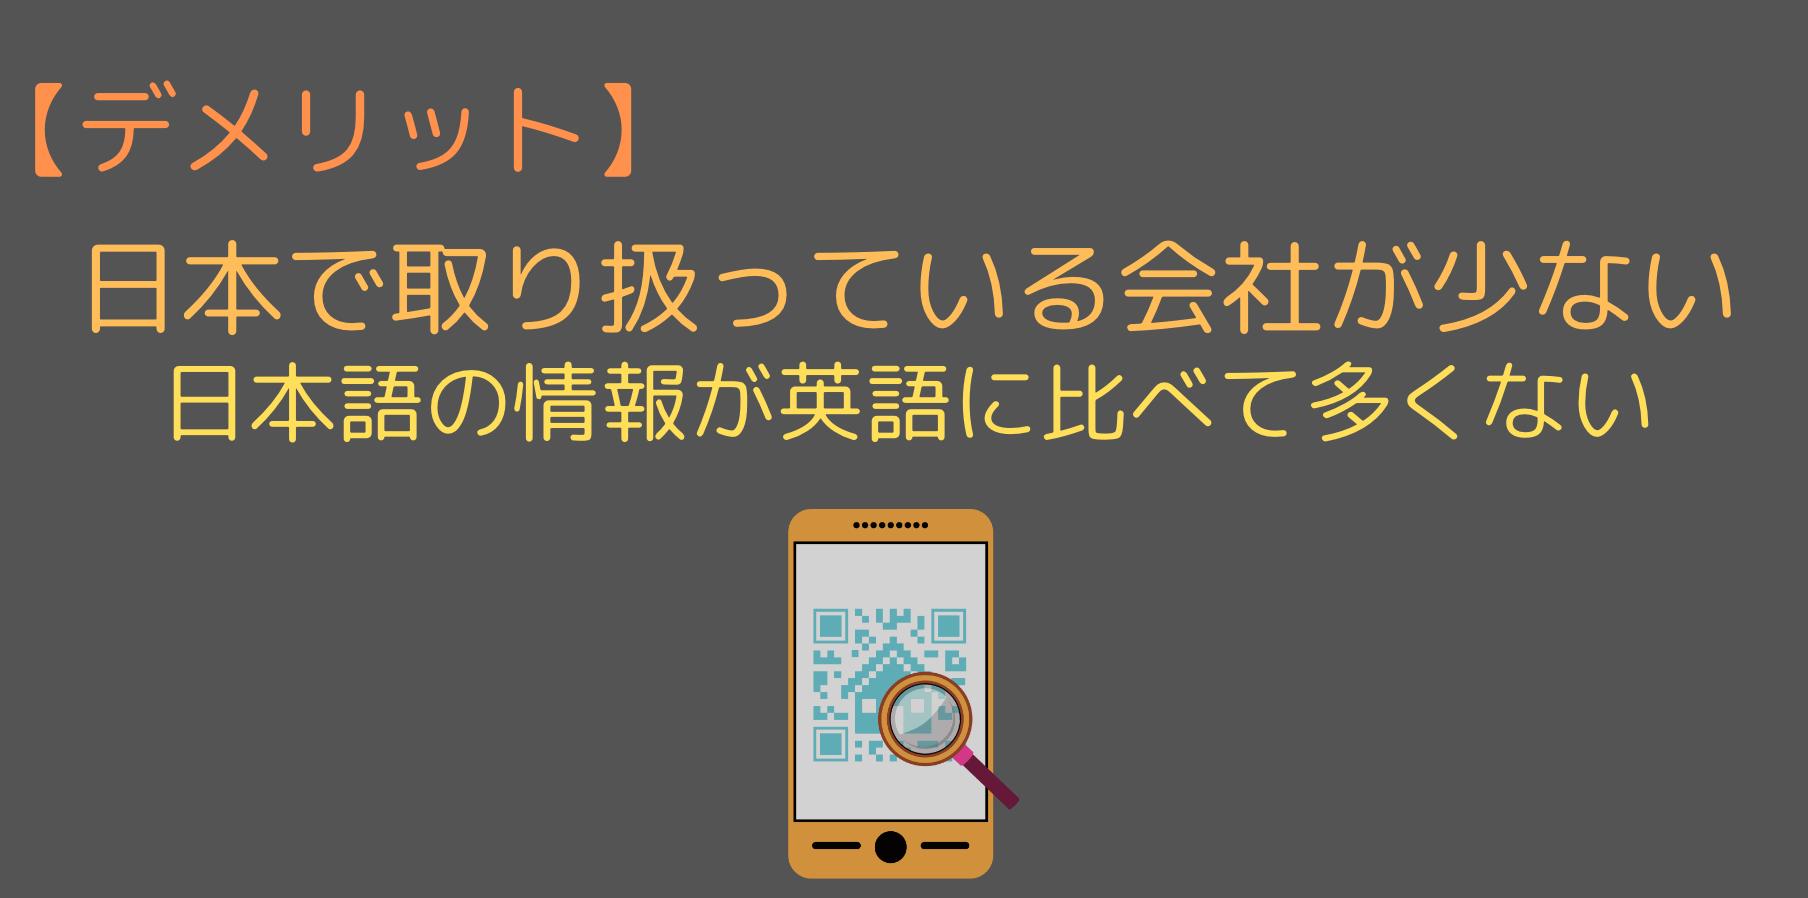 日本では取り扱っている会社が少ない